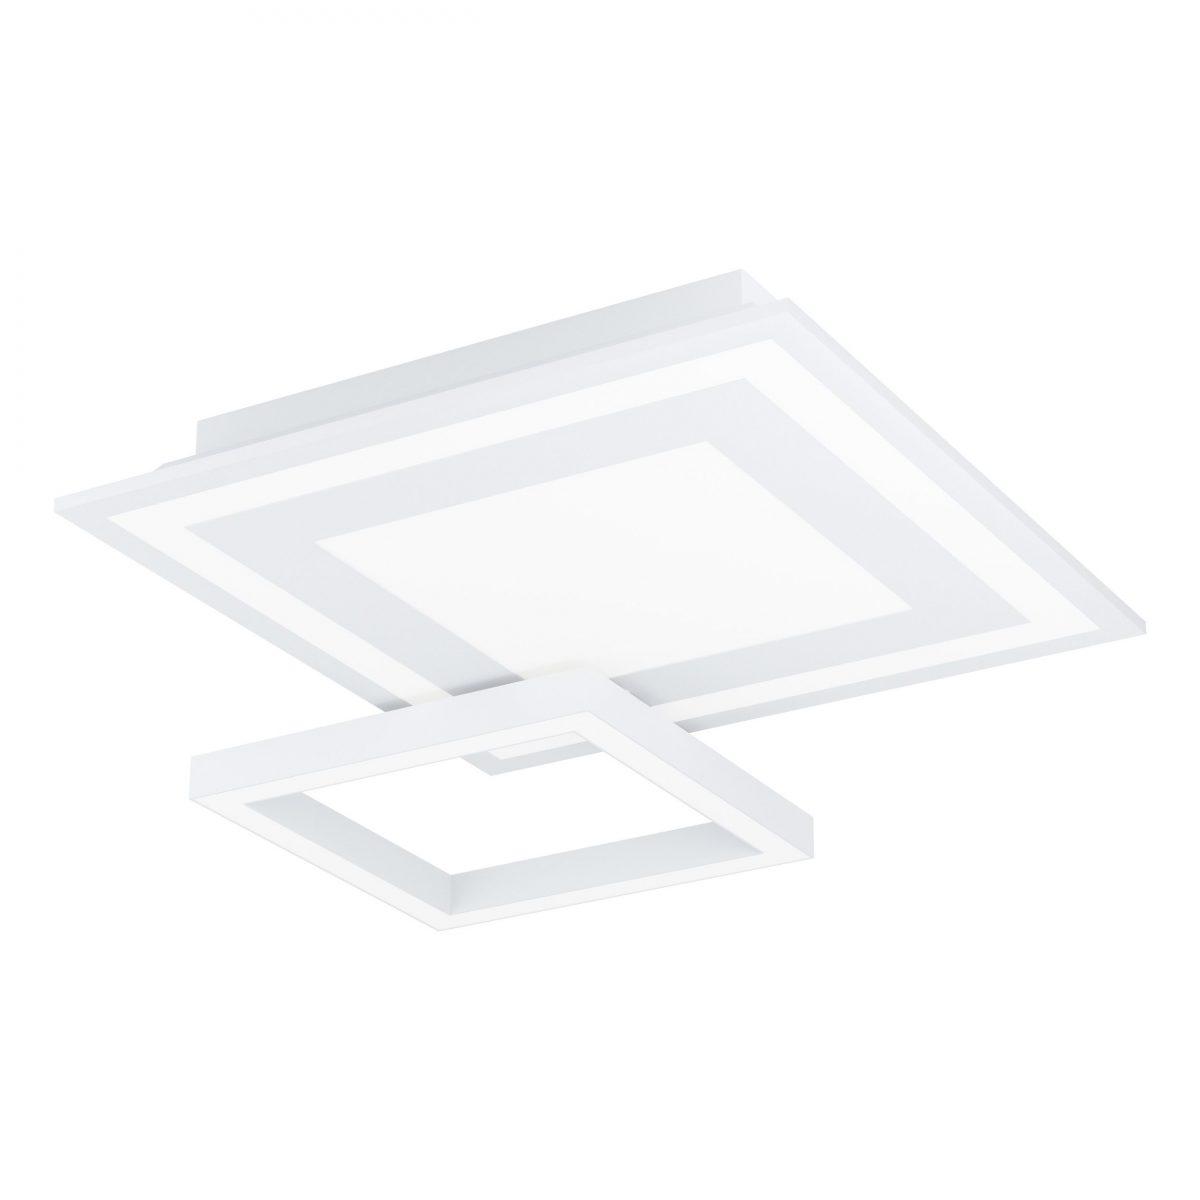 Потолочный светильник SAVATARILA-C/CONNECT EGLO 99311 - Фото №28